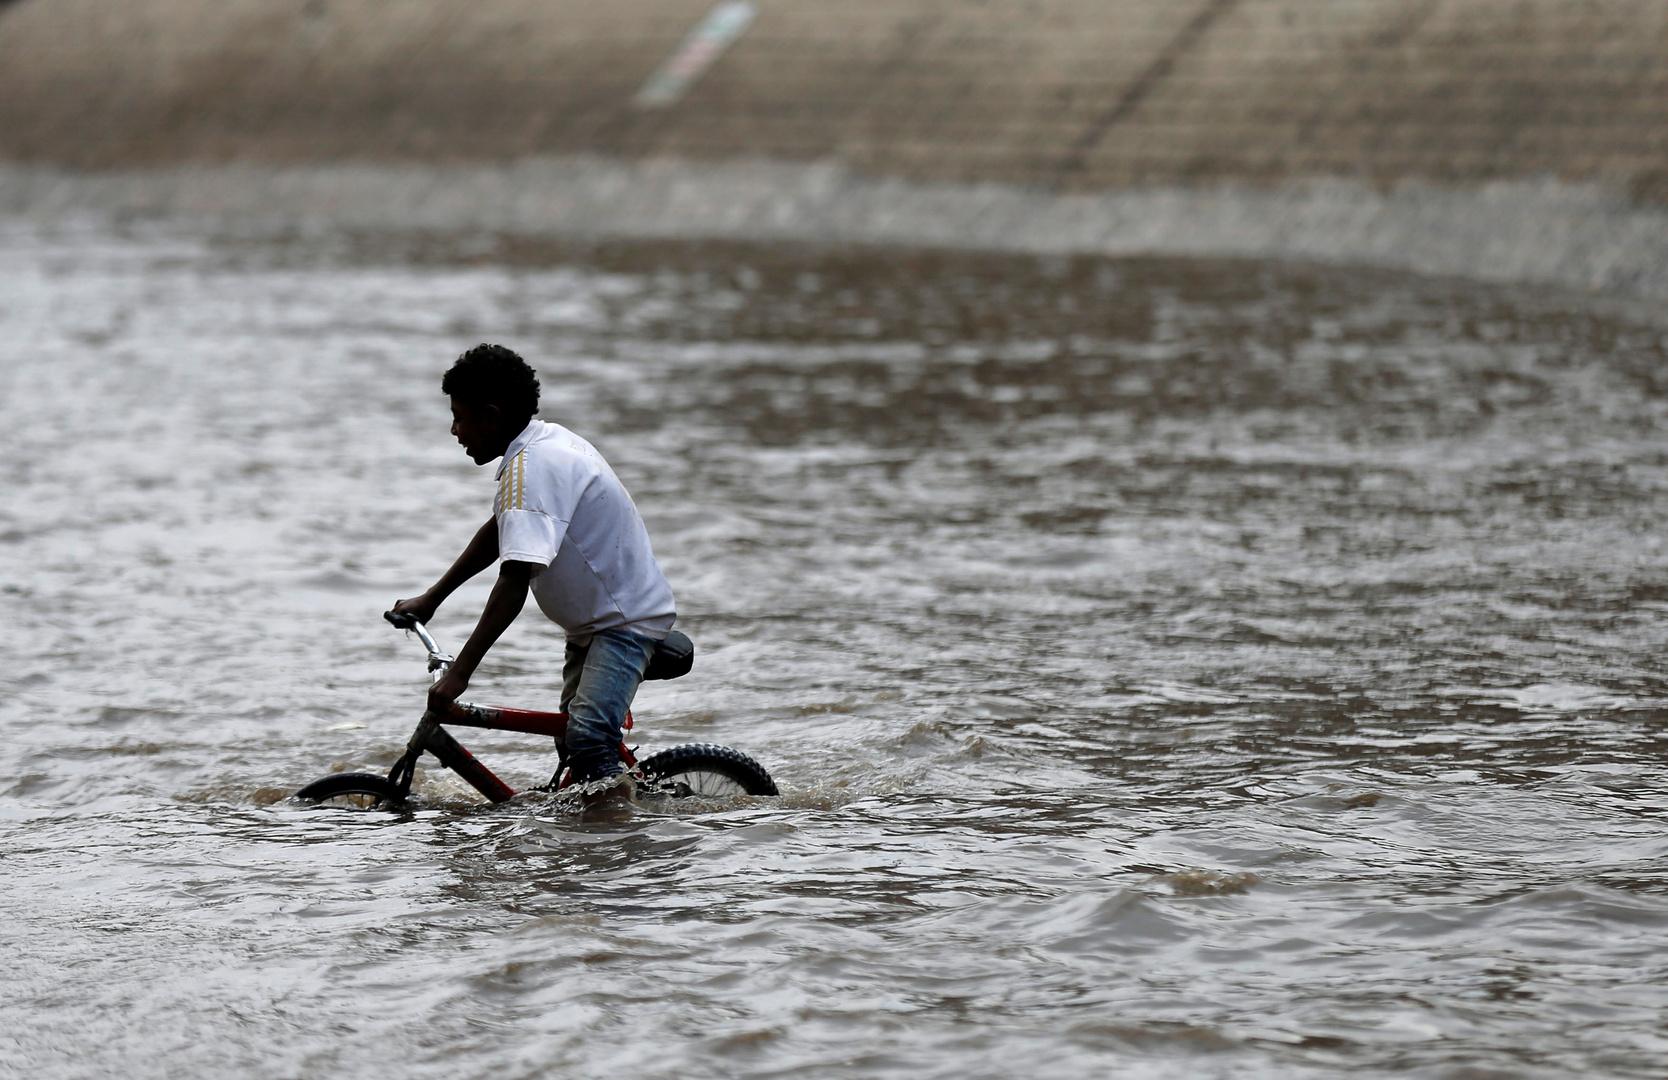 أمطار غزيرة تلحق أضرارا جسيمة بمدينة تريم اليمنية التاريخية